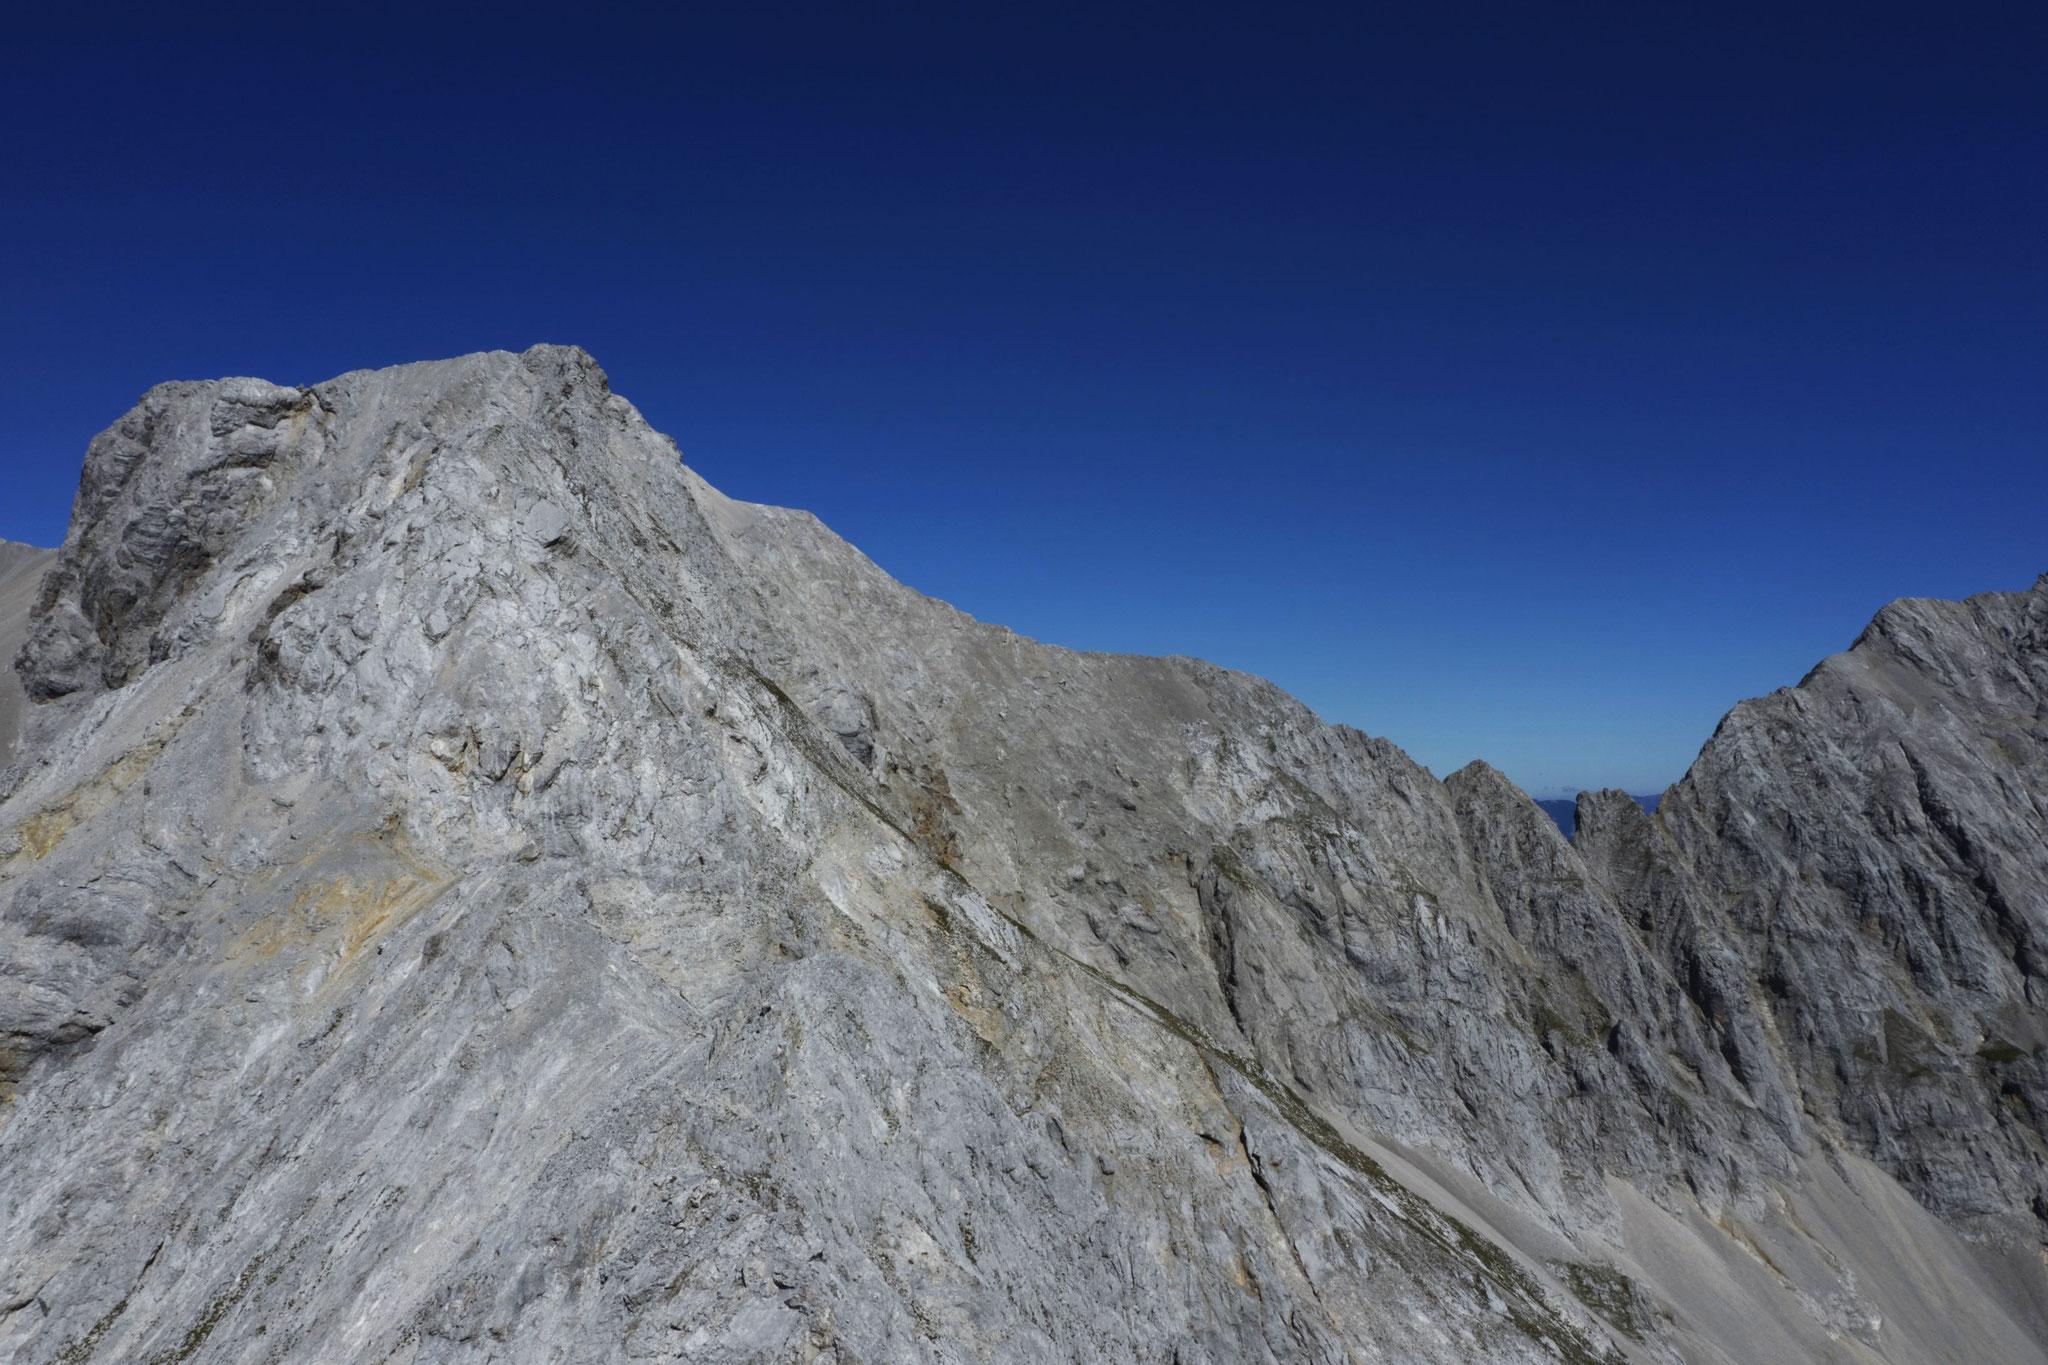 Süd- und Ostgrat Eiskarlspitze, rechts die Hochglückscharten